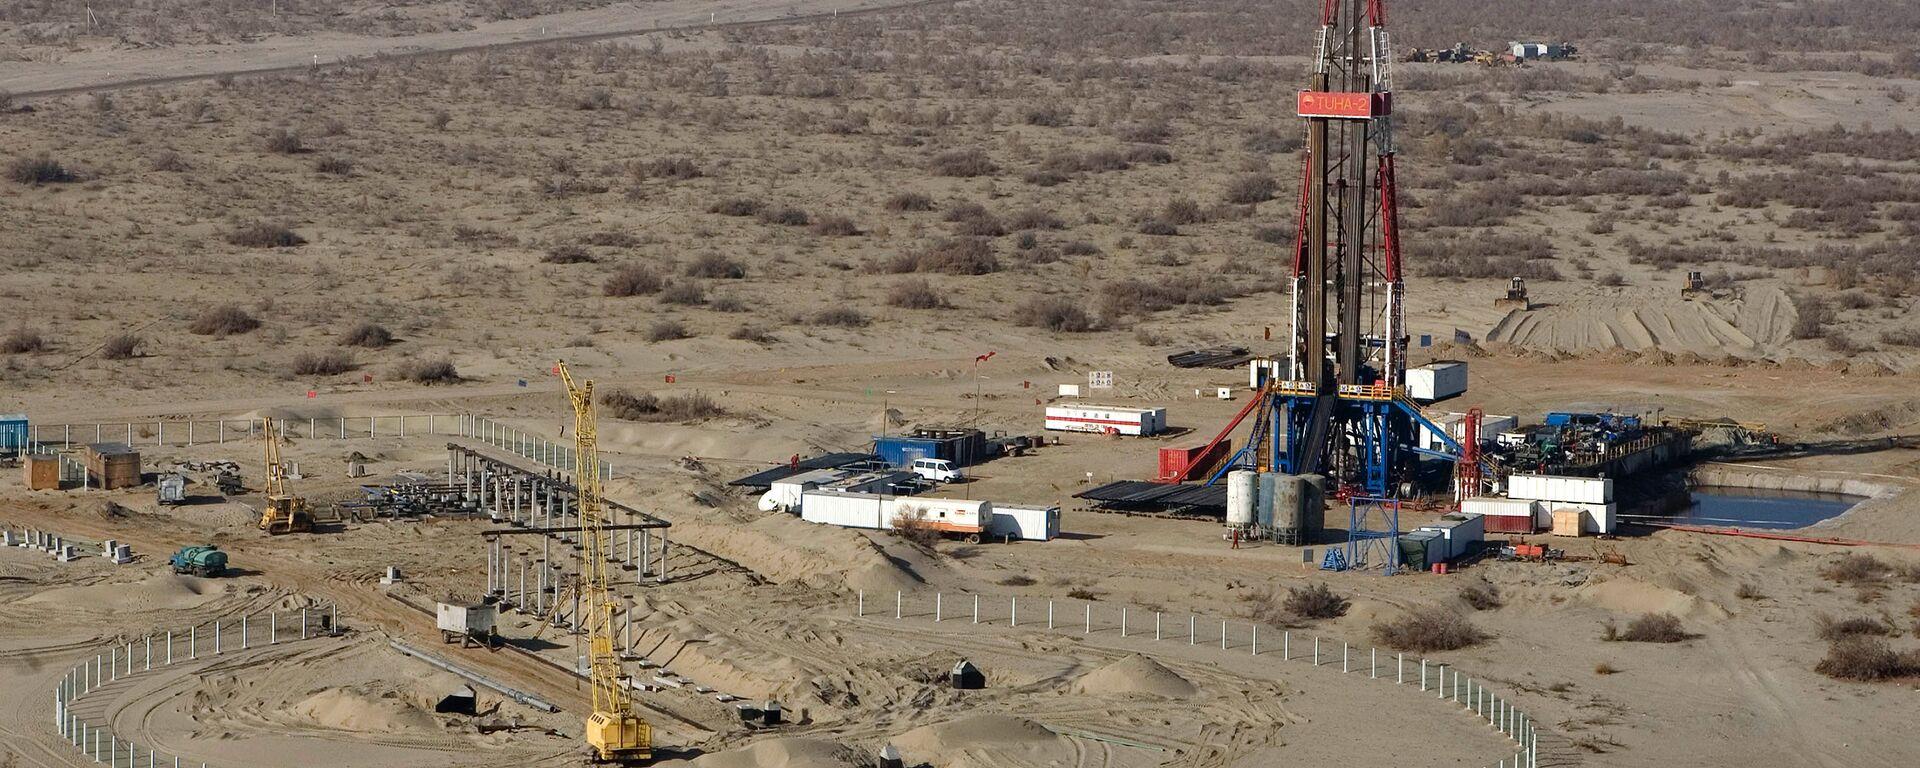 Газовое месторождение в Узбекистане - Sputnik Узбекистан, 1920, 14.04.2021